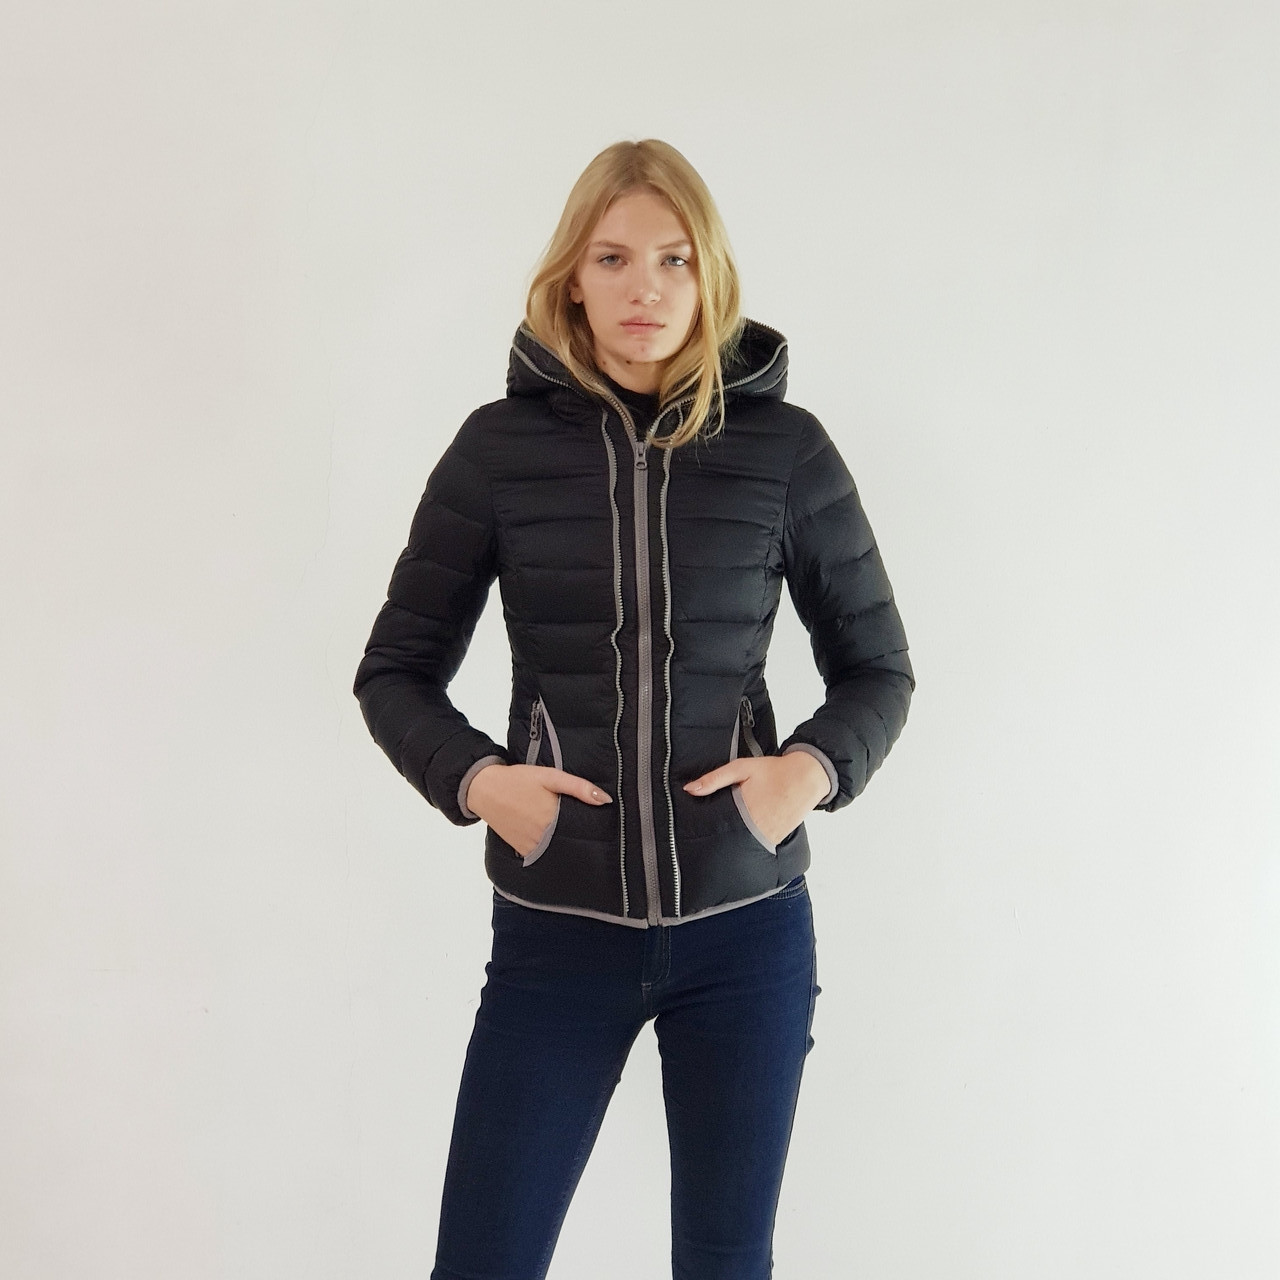 Куртка пуховик короткий женский Snowimage с капюшоном 40 черный 107-91